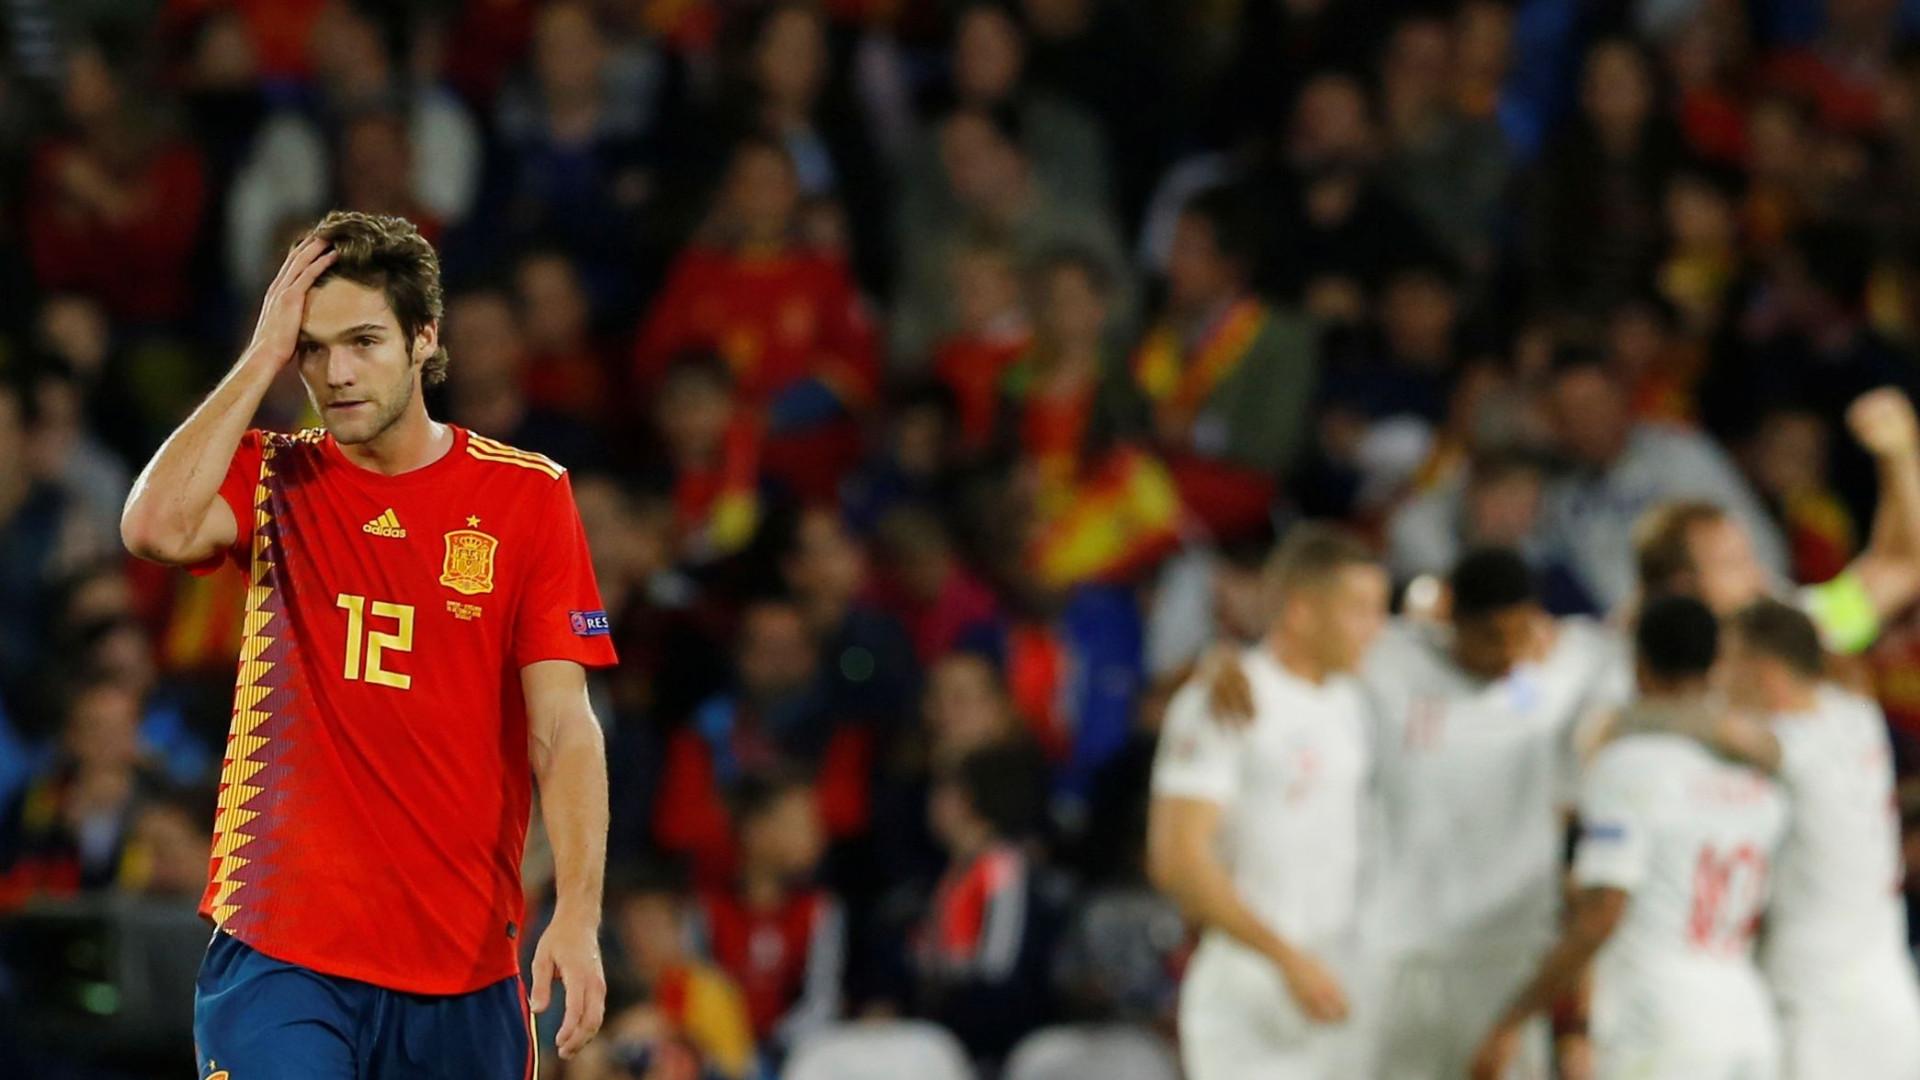 Espanha perde com Inglaterra e coloca em risco qualificação cffce9239fa8e